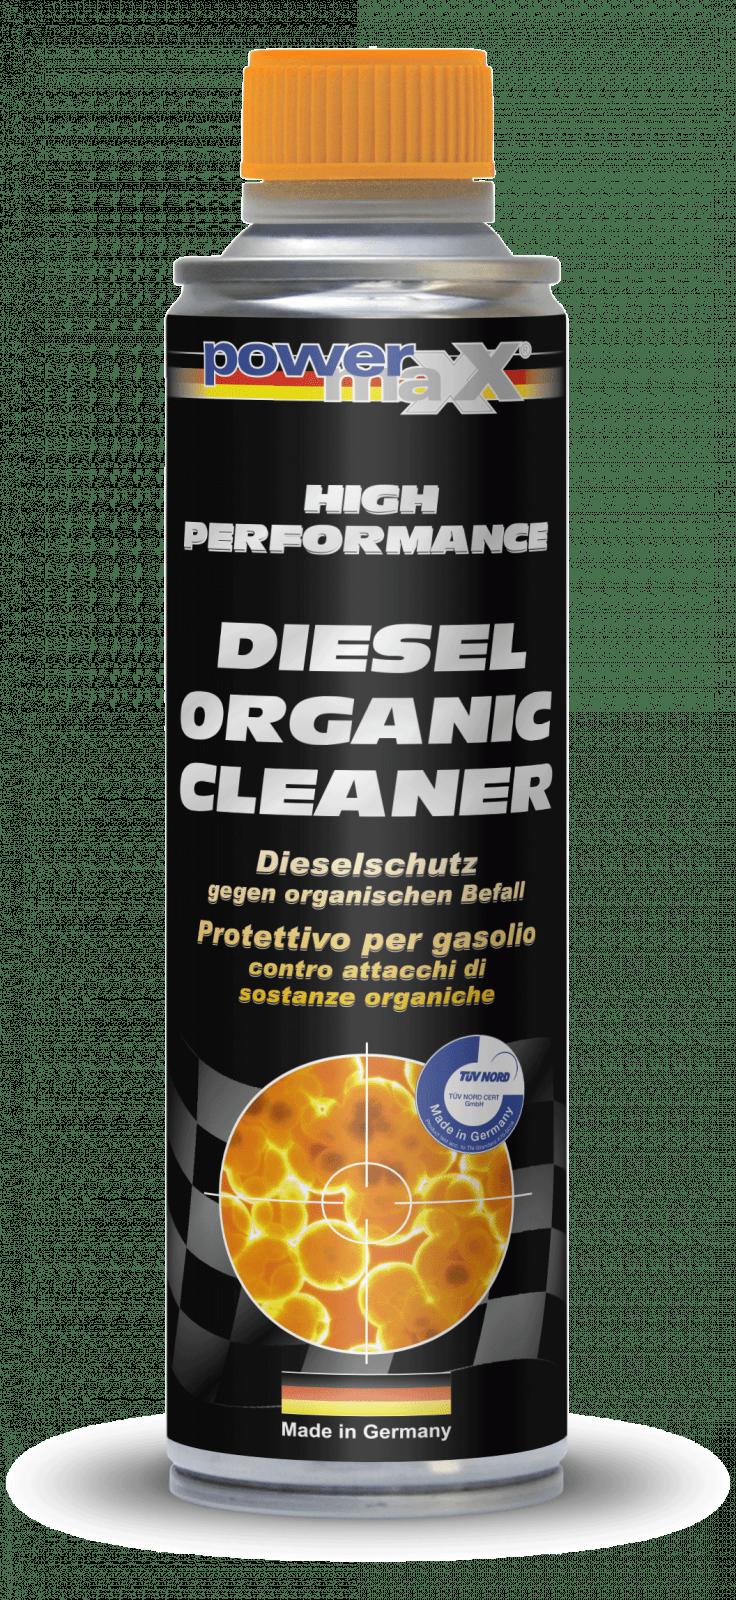 Diesel-Organic-Cleaner